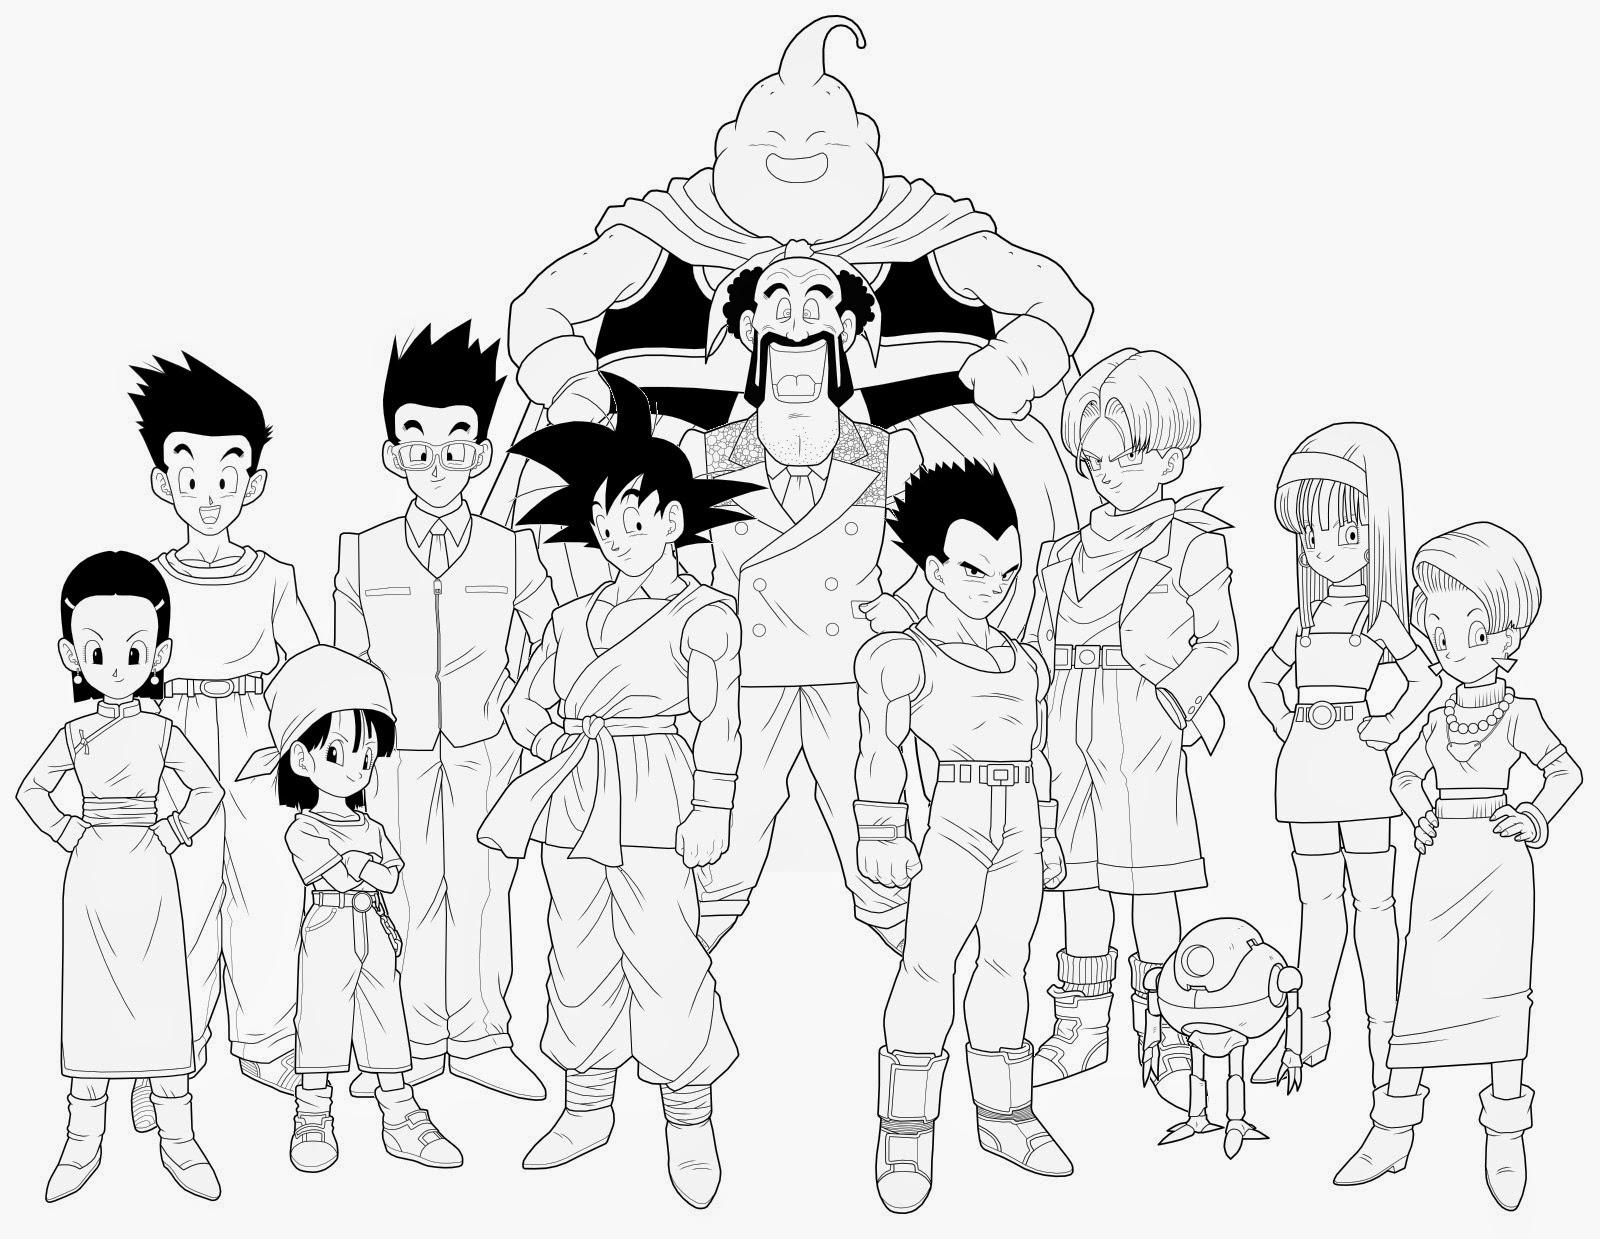 Desenhos Para Colorir Colorir Goku: Desenhos Para Colorir E Imprimir: Desenhos Do Dragon Ball